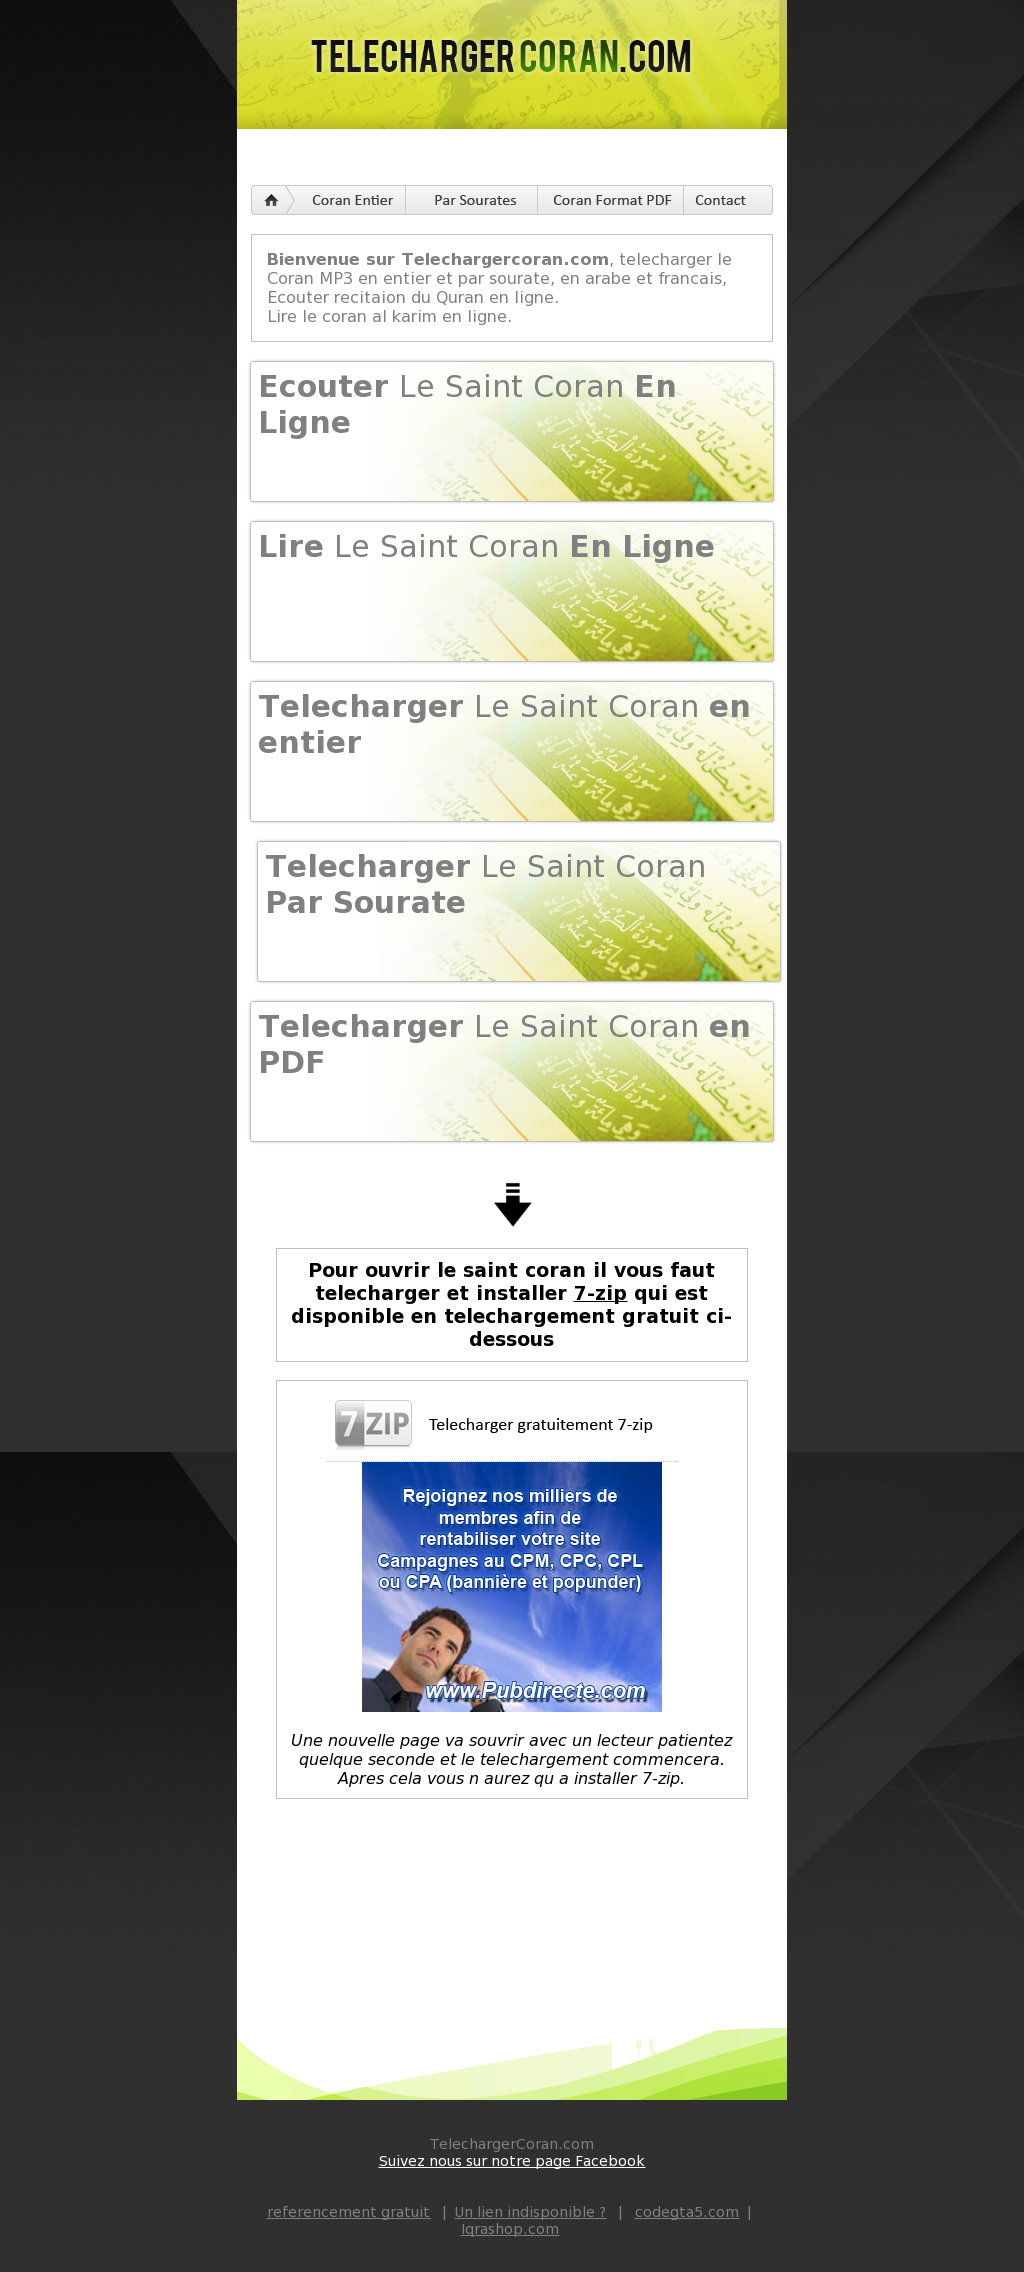 télécharger le coran en arabe mp3 et pdf